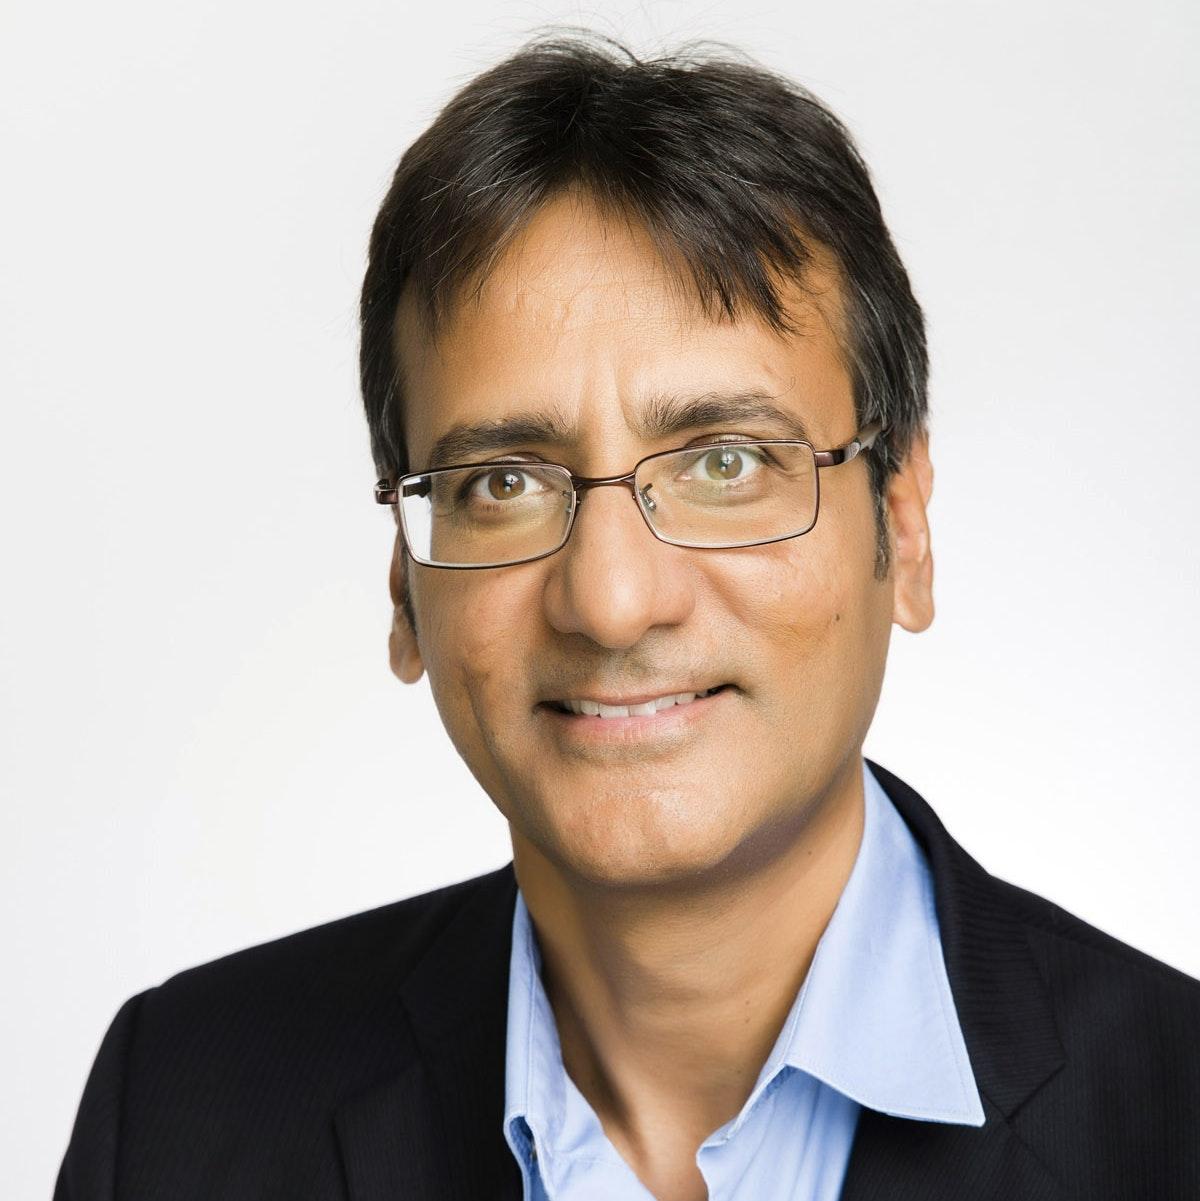 Headshot of Rajiv Sethi